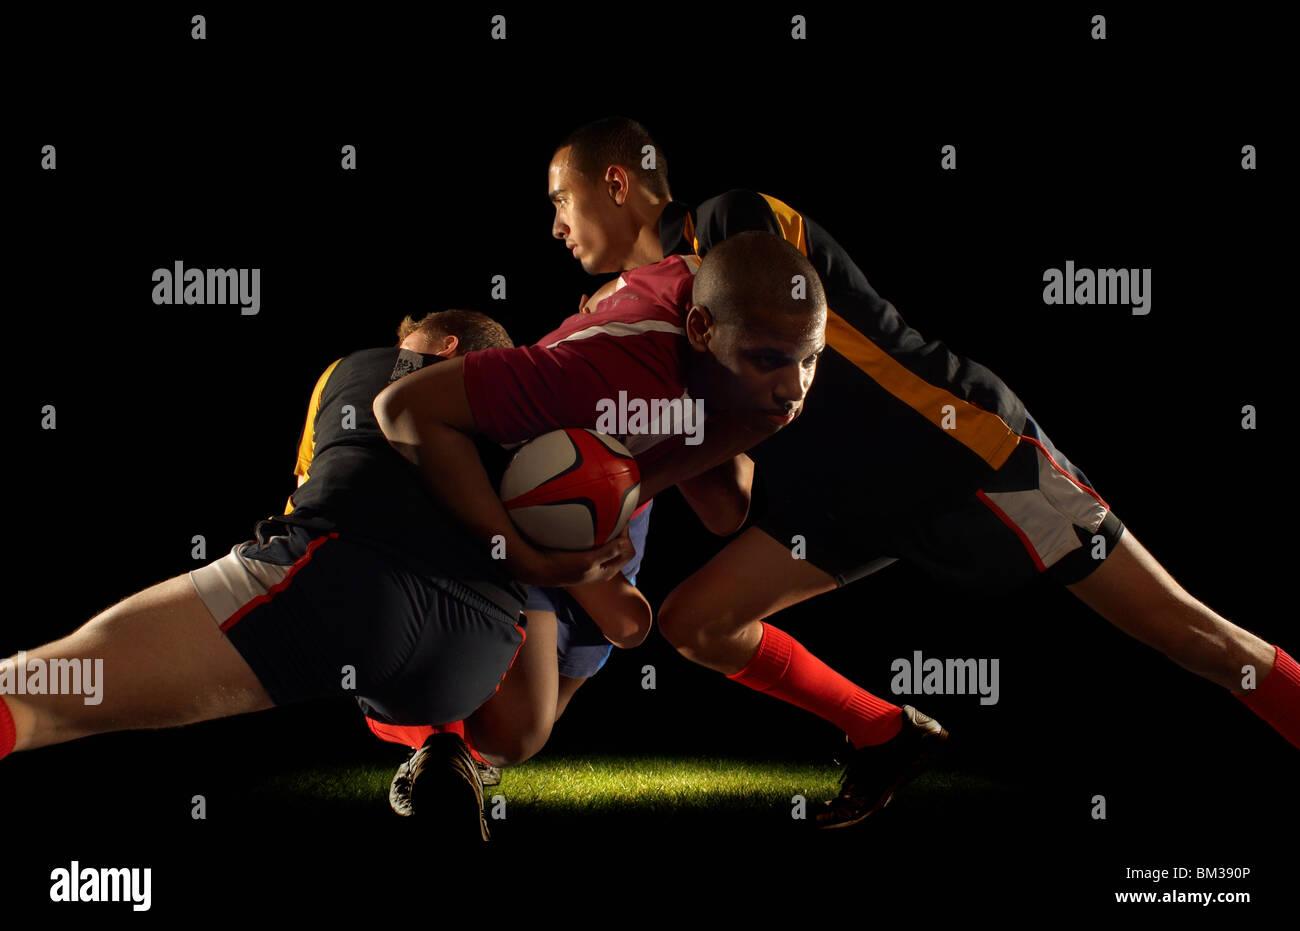 Giocatore di Rugby affrontato da due avversari Immagini Stock